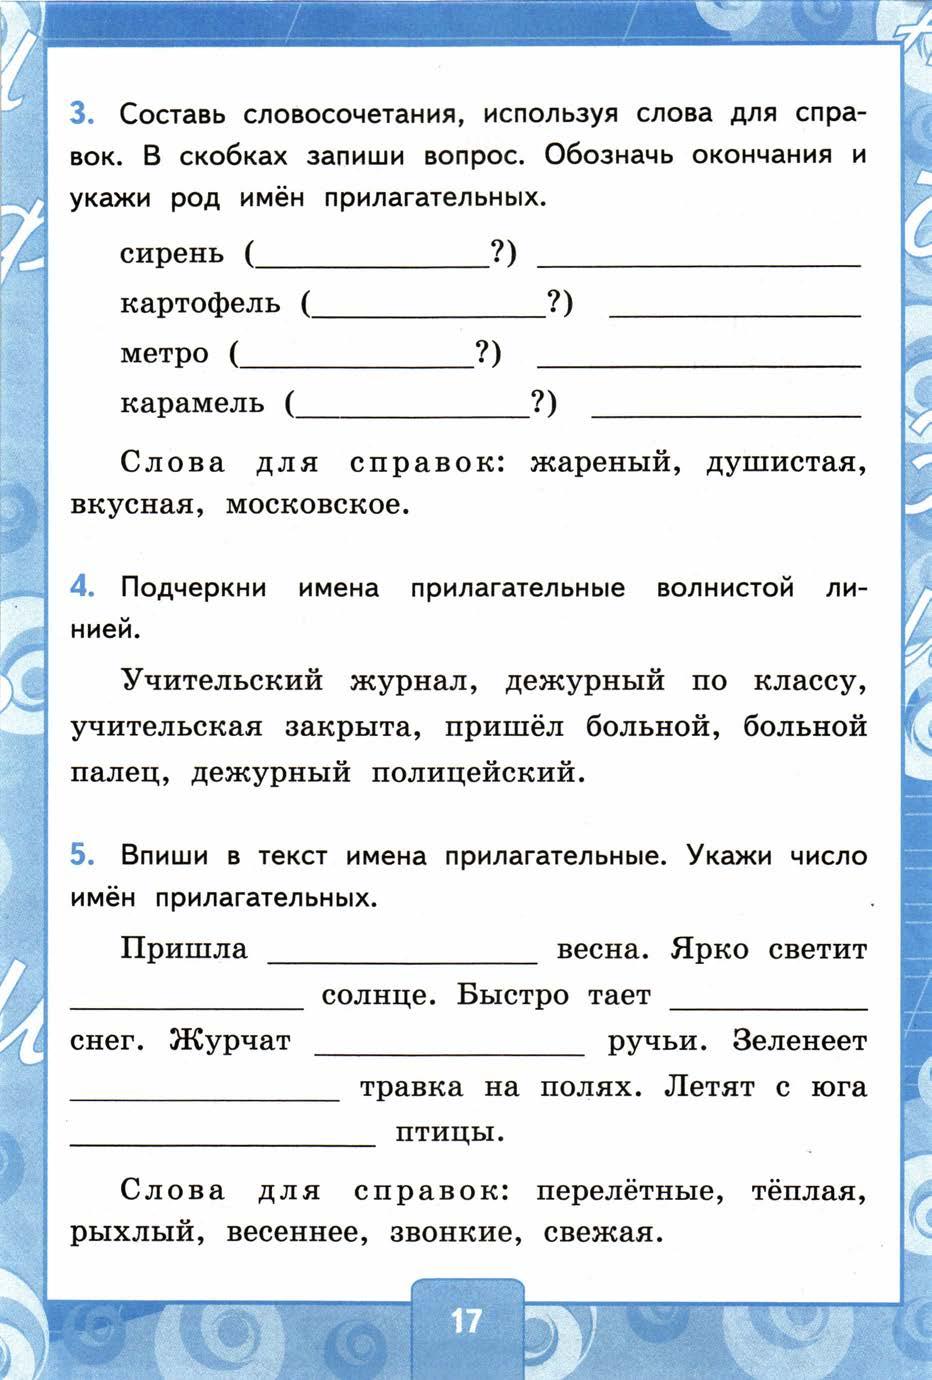 Русский язык 2 класс учебник канакина pdf